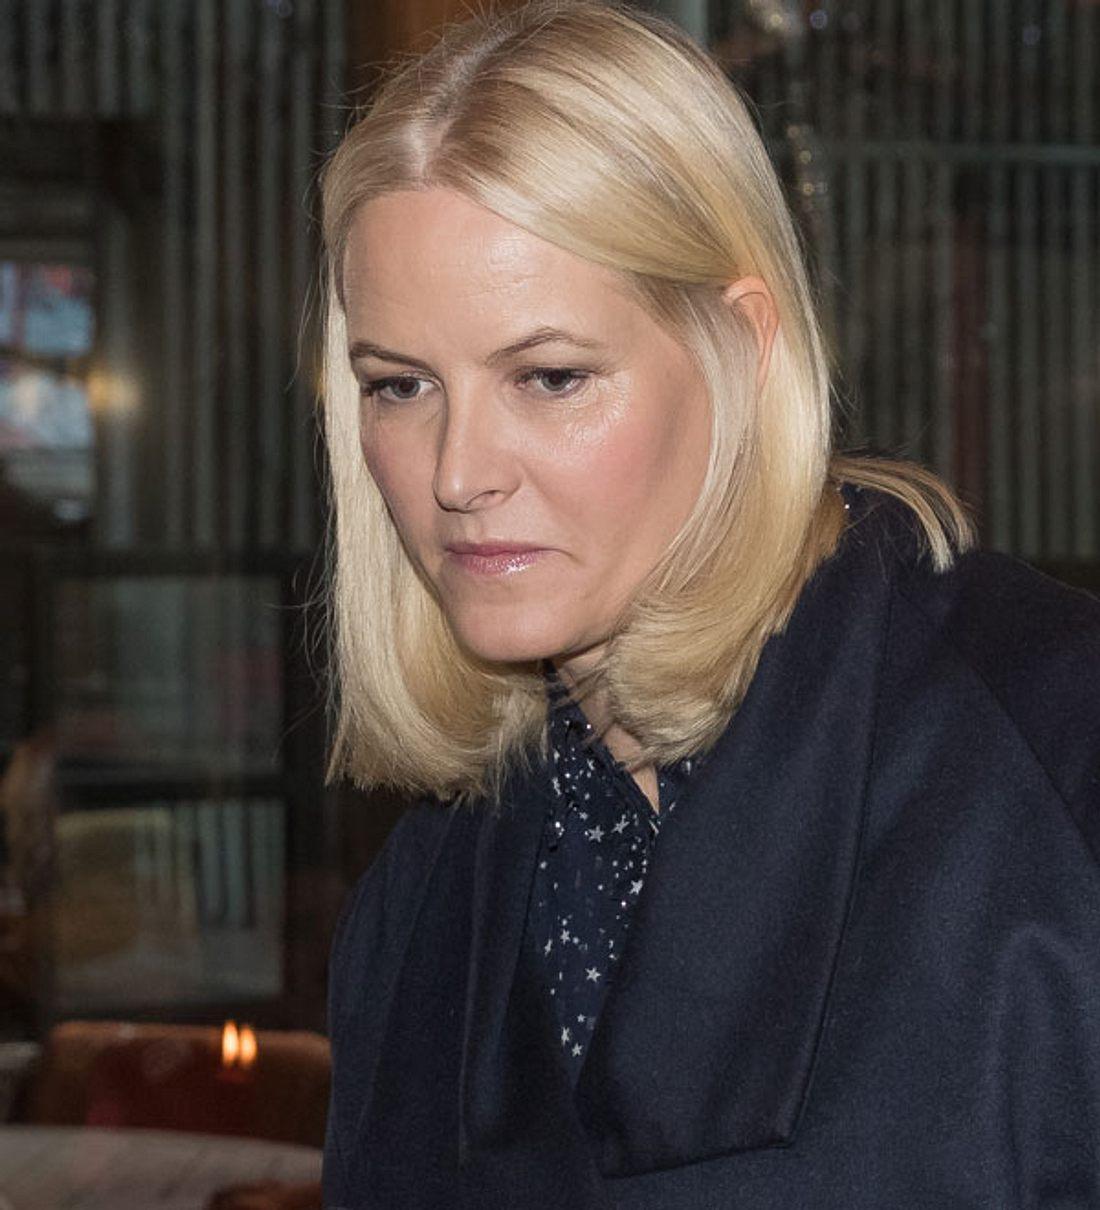 Prinzessin Mette-Marit von Norwegen: Überraschende Sex-Beichte!